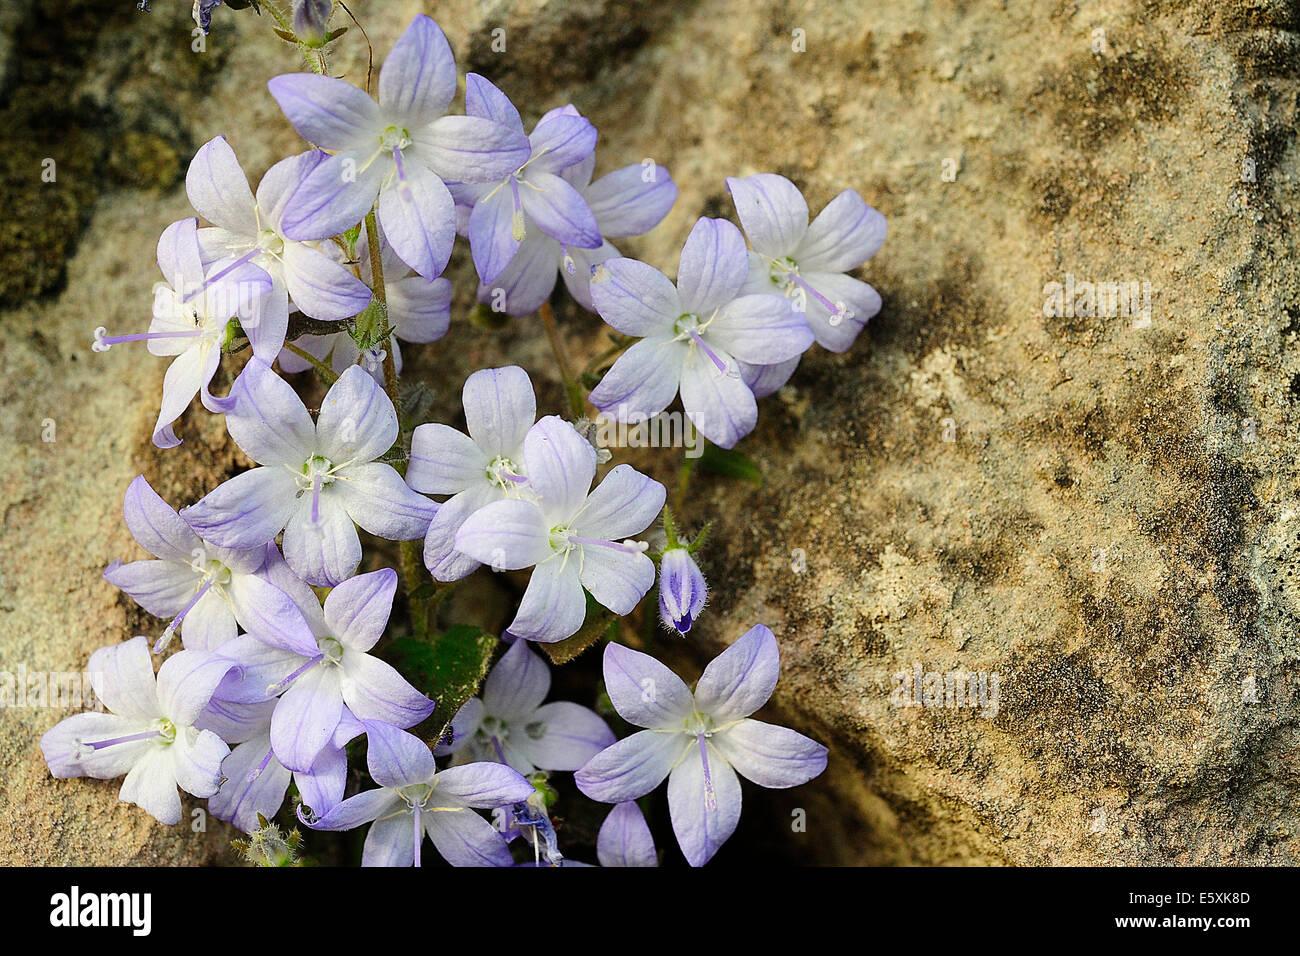 Endemic Adriatic Bellflower Campanula garganica, Campanulaceae, Gargano National Park, Puglia, Italy, Europe - Stock Image